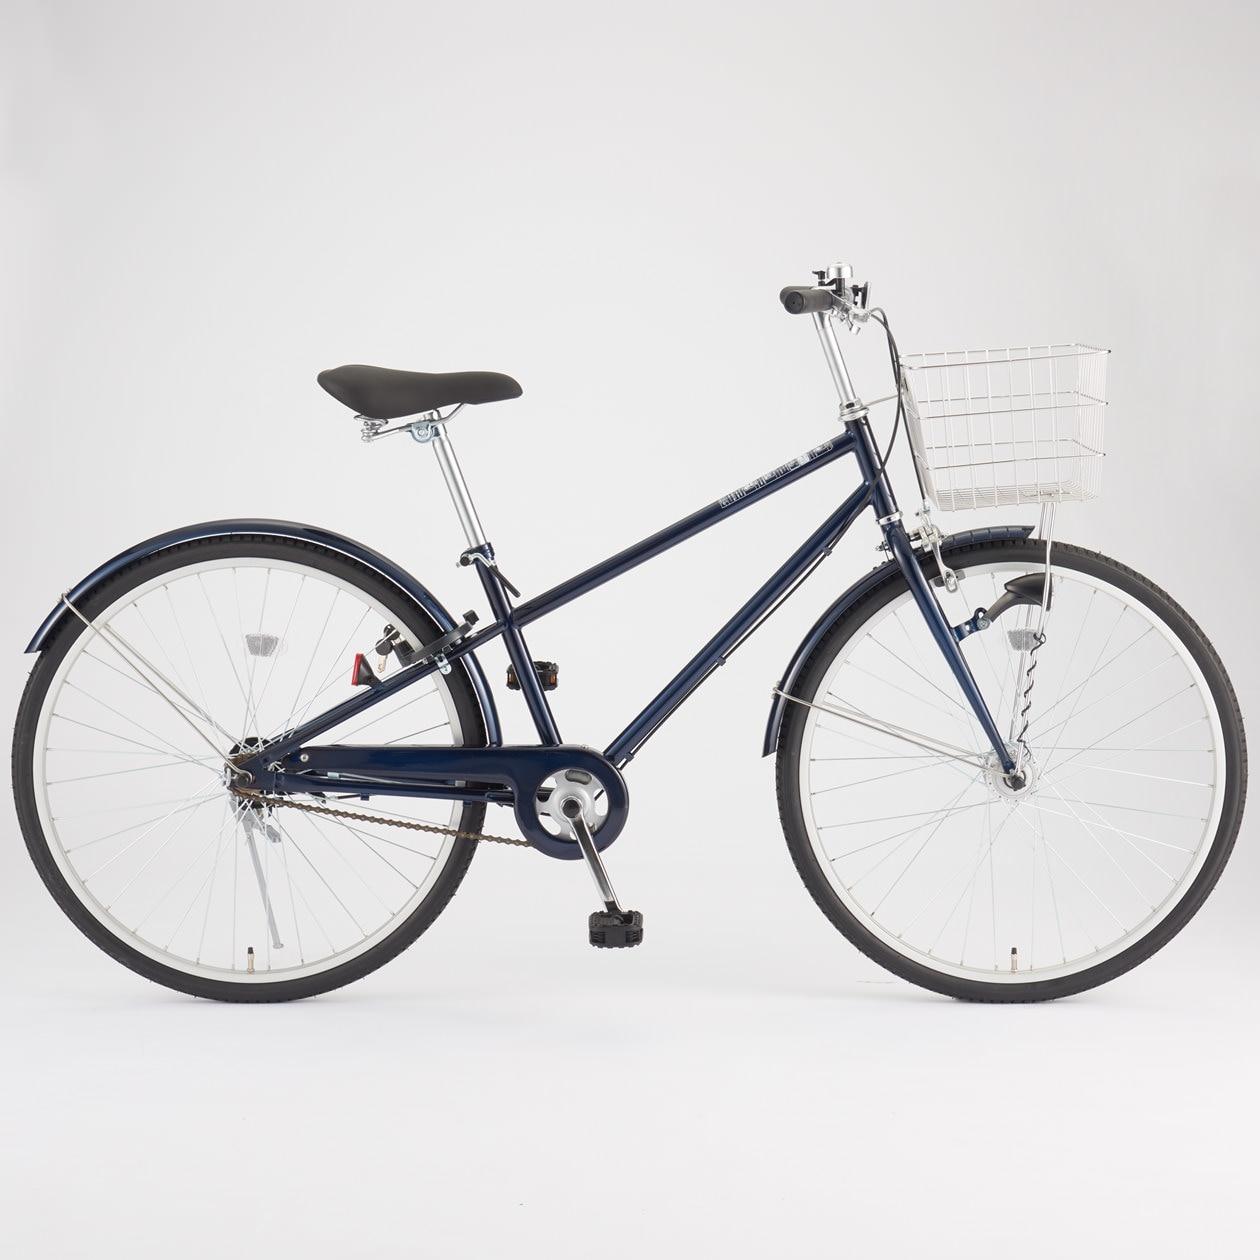 無印良品 | 26型フル装備自転車・ベージュオートライト・バスケット・後輪錠付き 通販